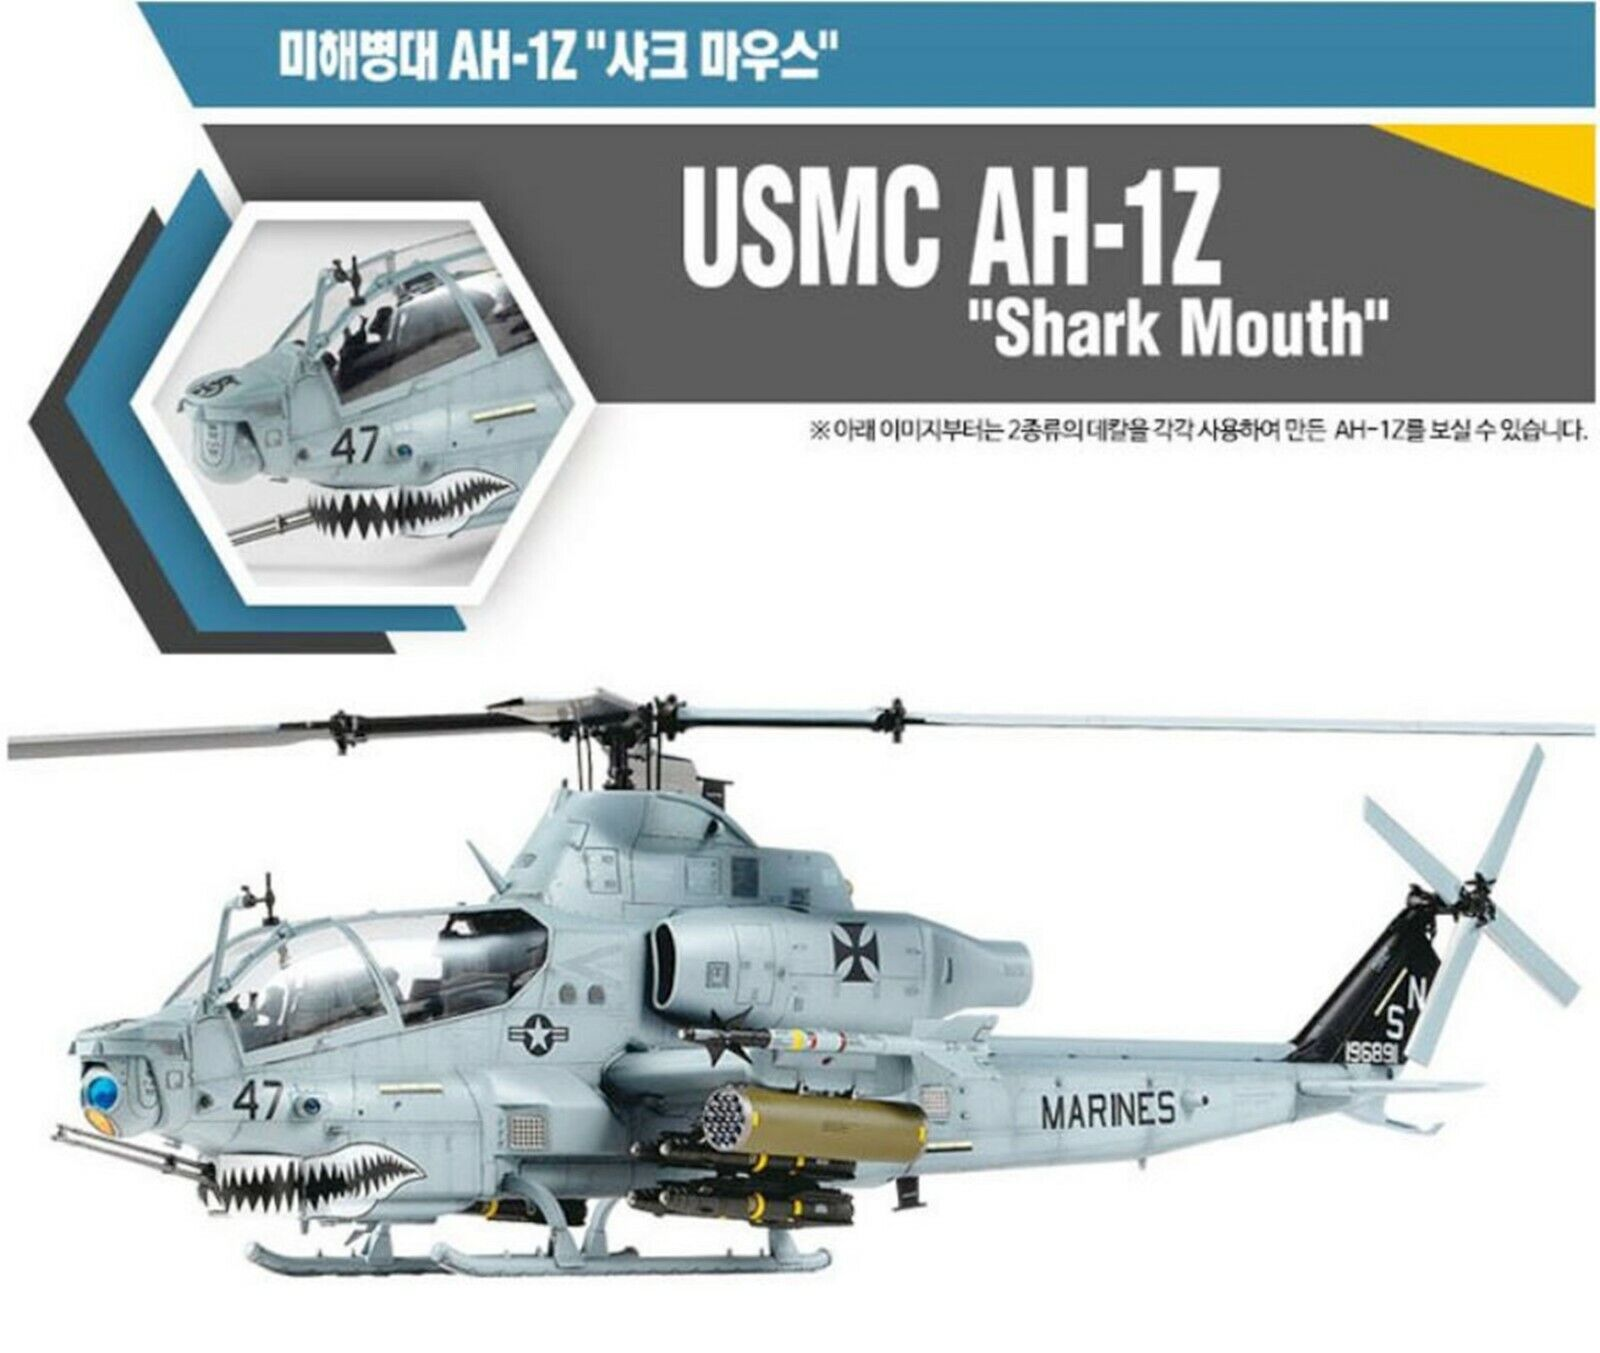 Academy 135 Scale USMC AH 1Z Shark Mouth Hobby Plastic